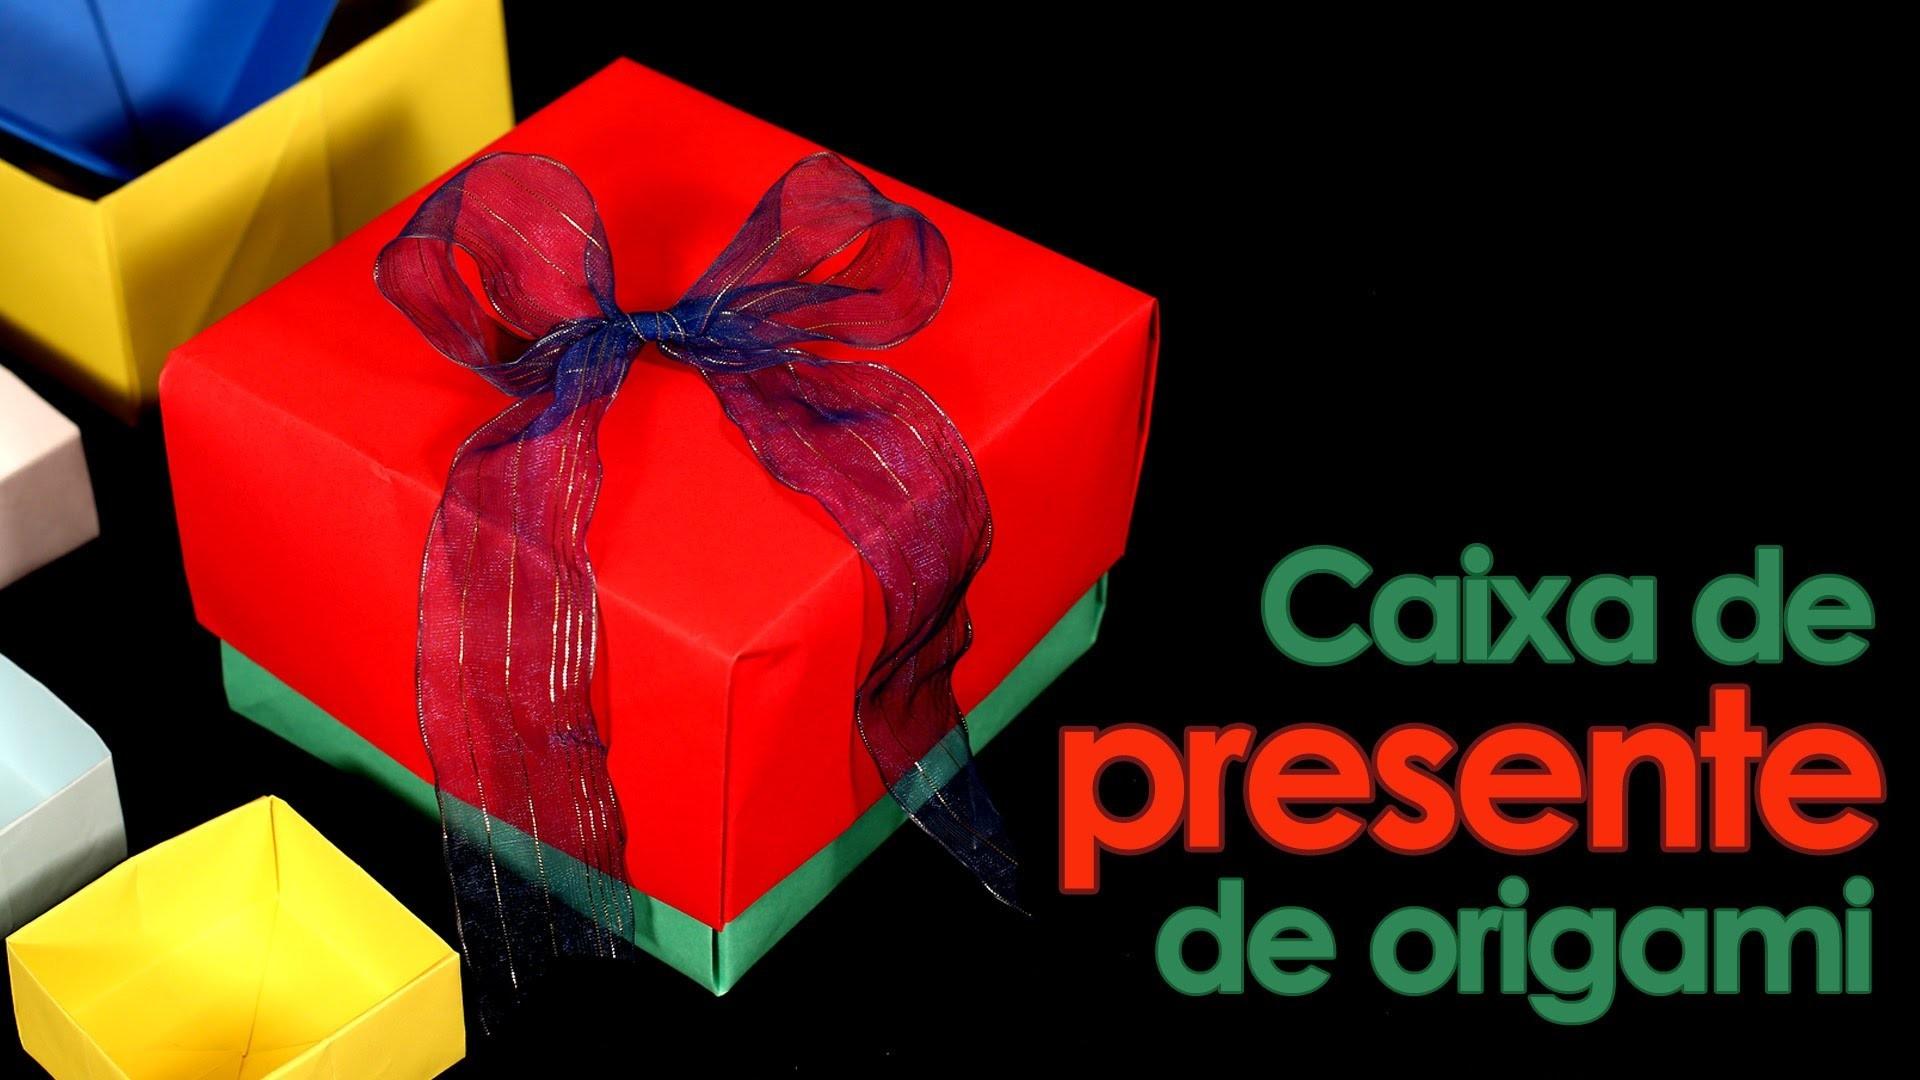 Caixa de presente de origami (dobradura fácil)